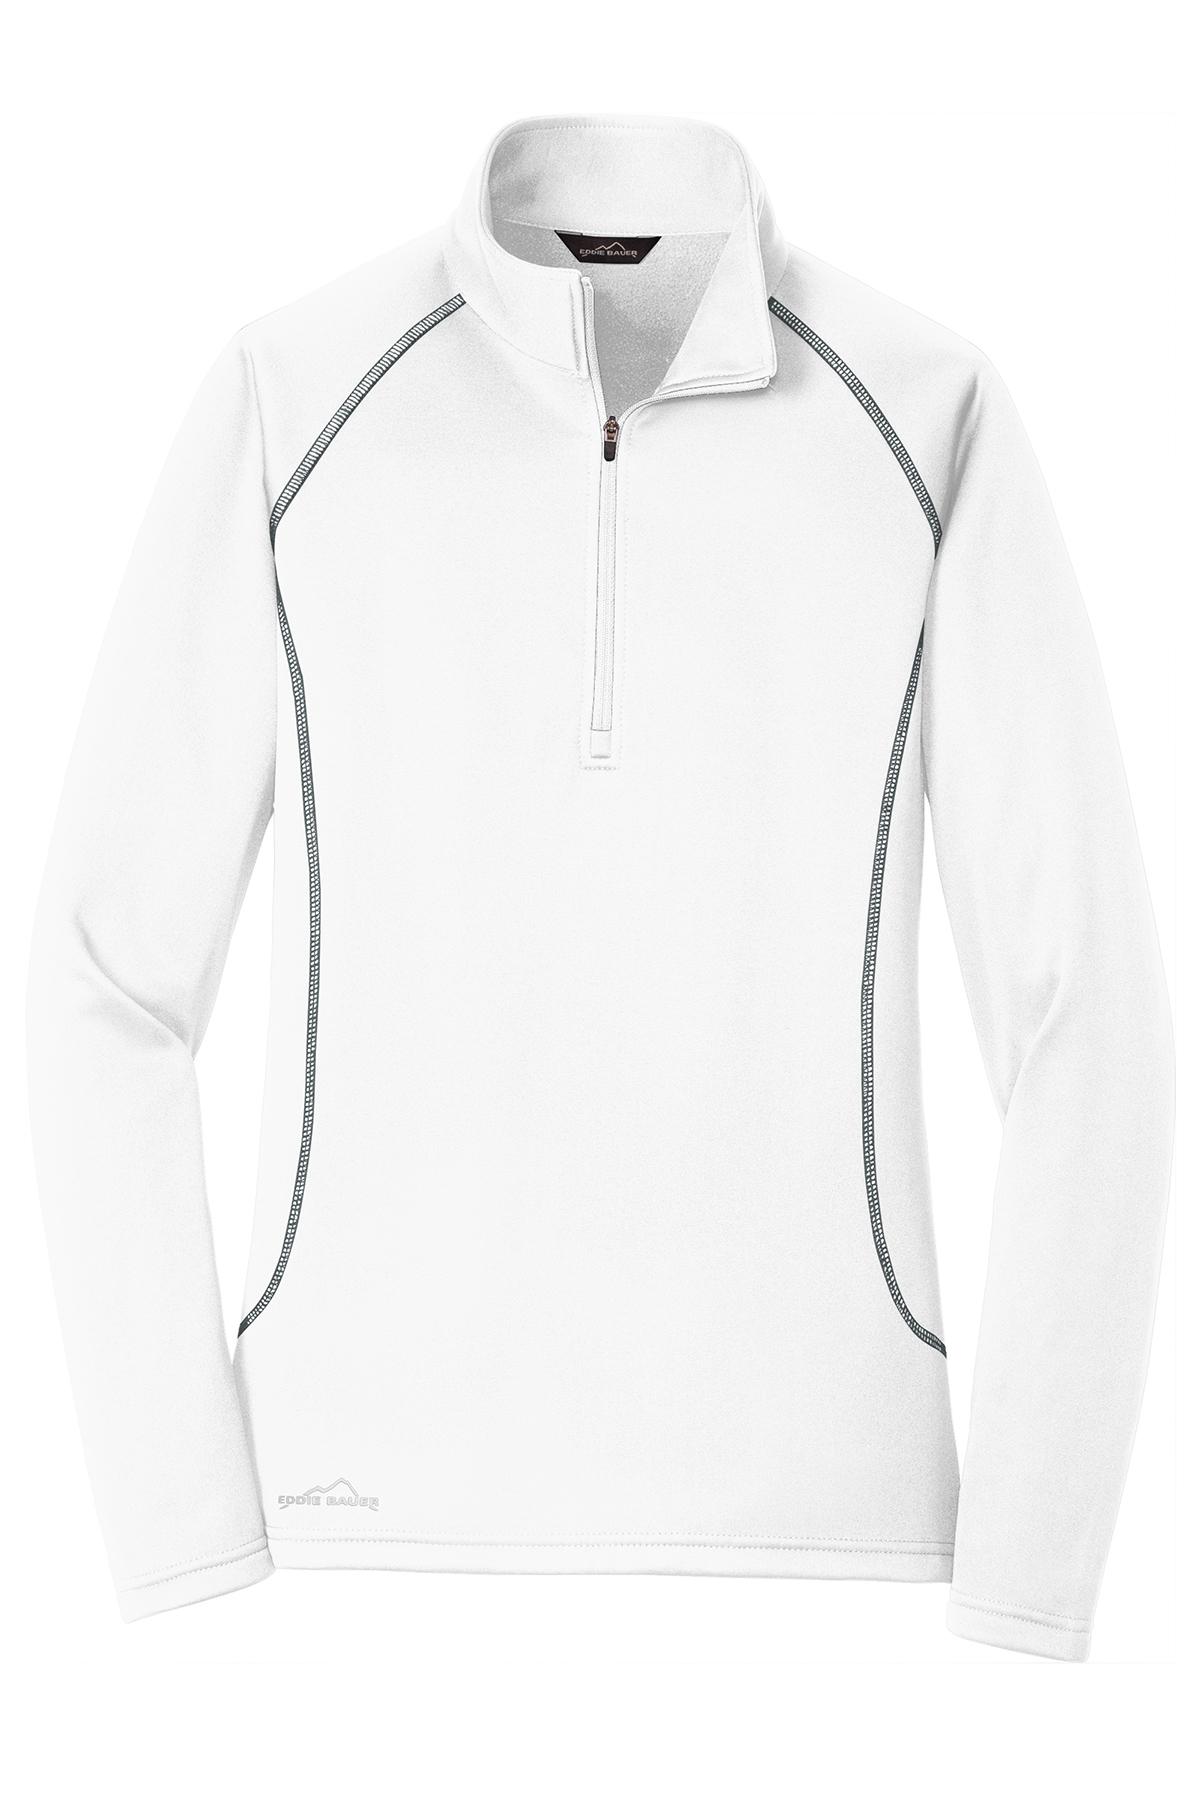 Edbauer La S Smooth Fleece Base Layer 1 2 Zip